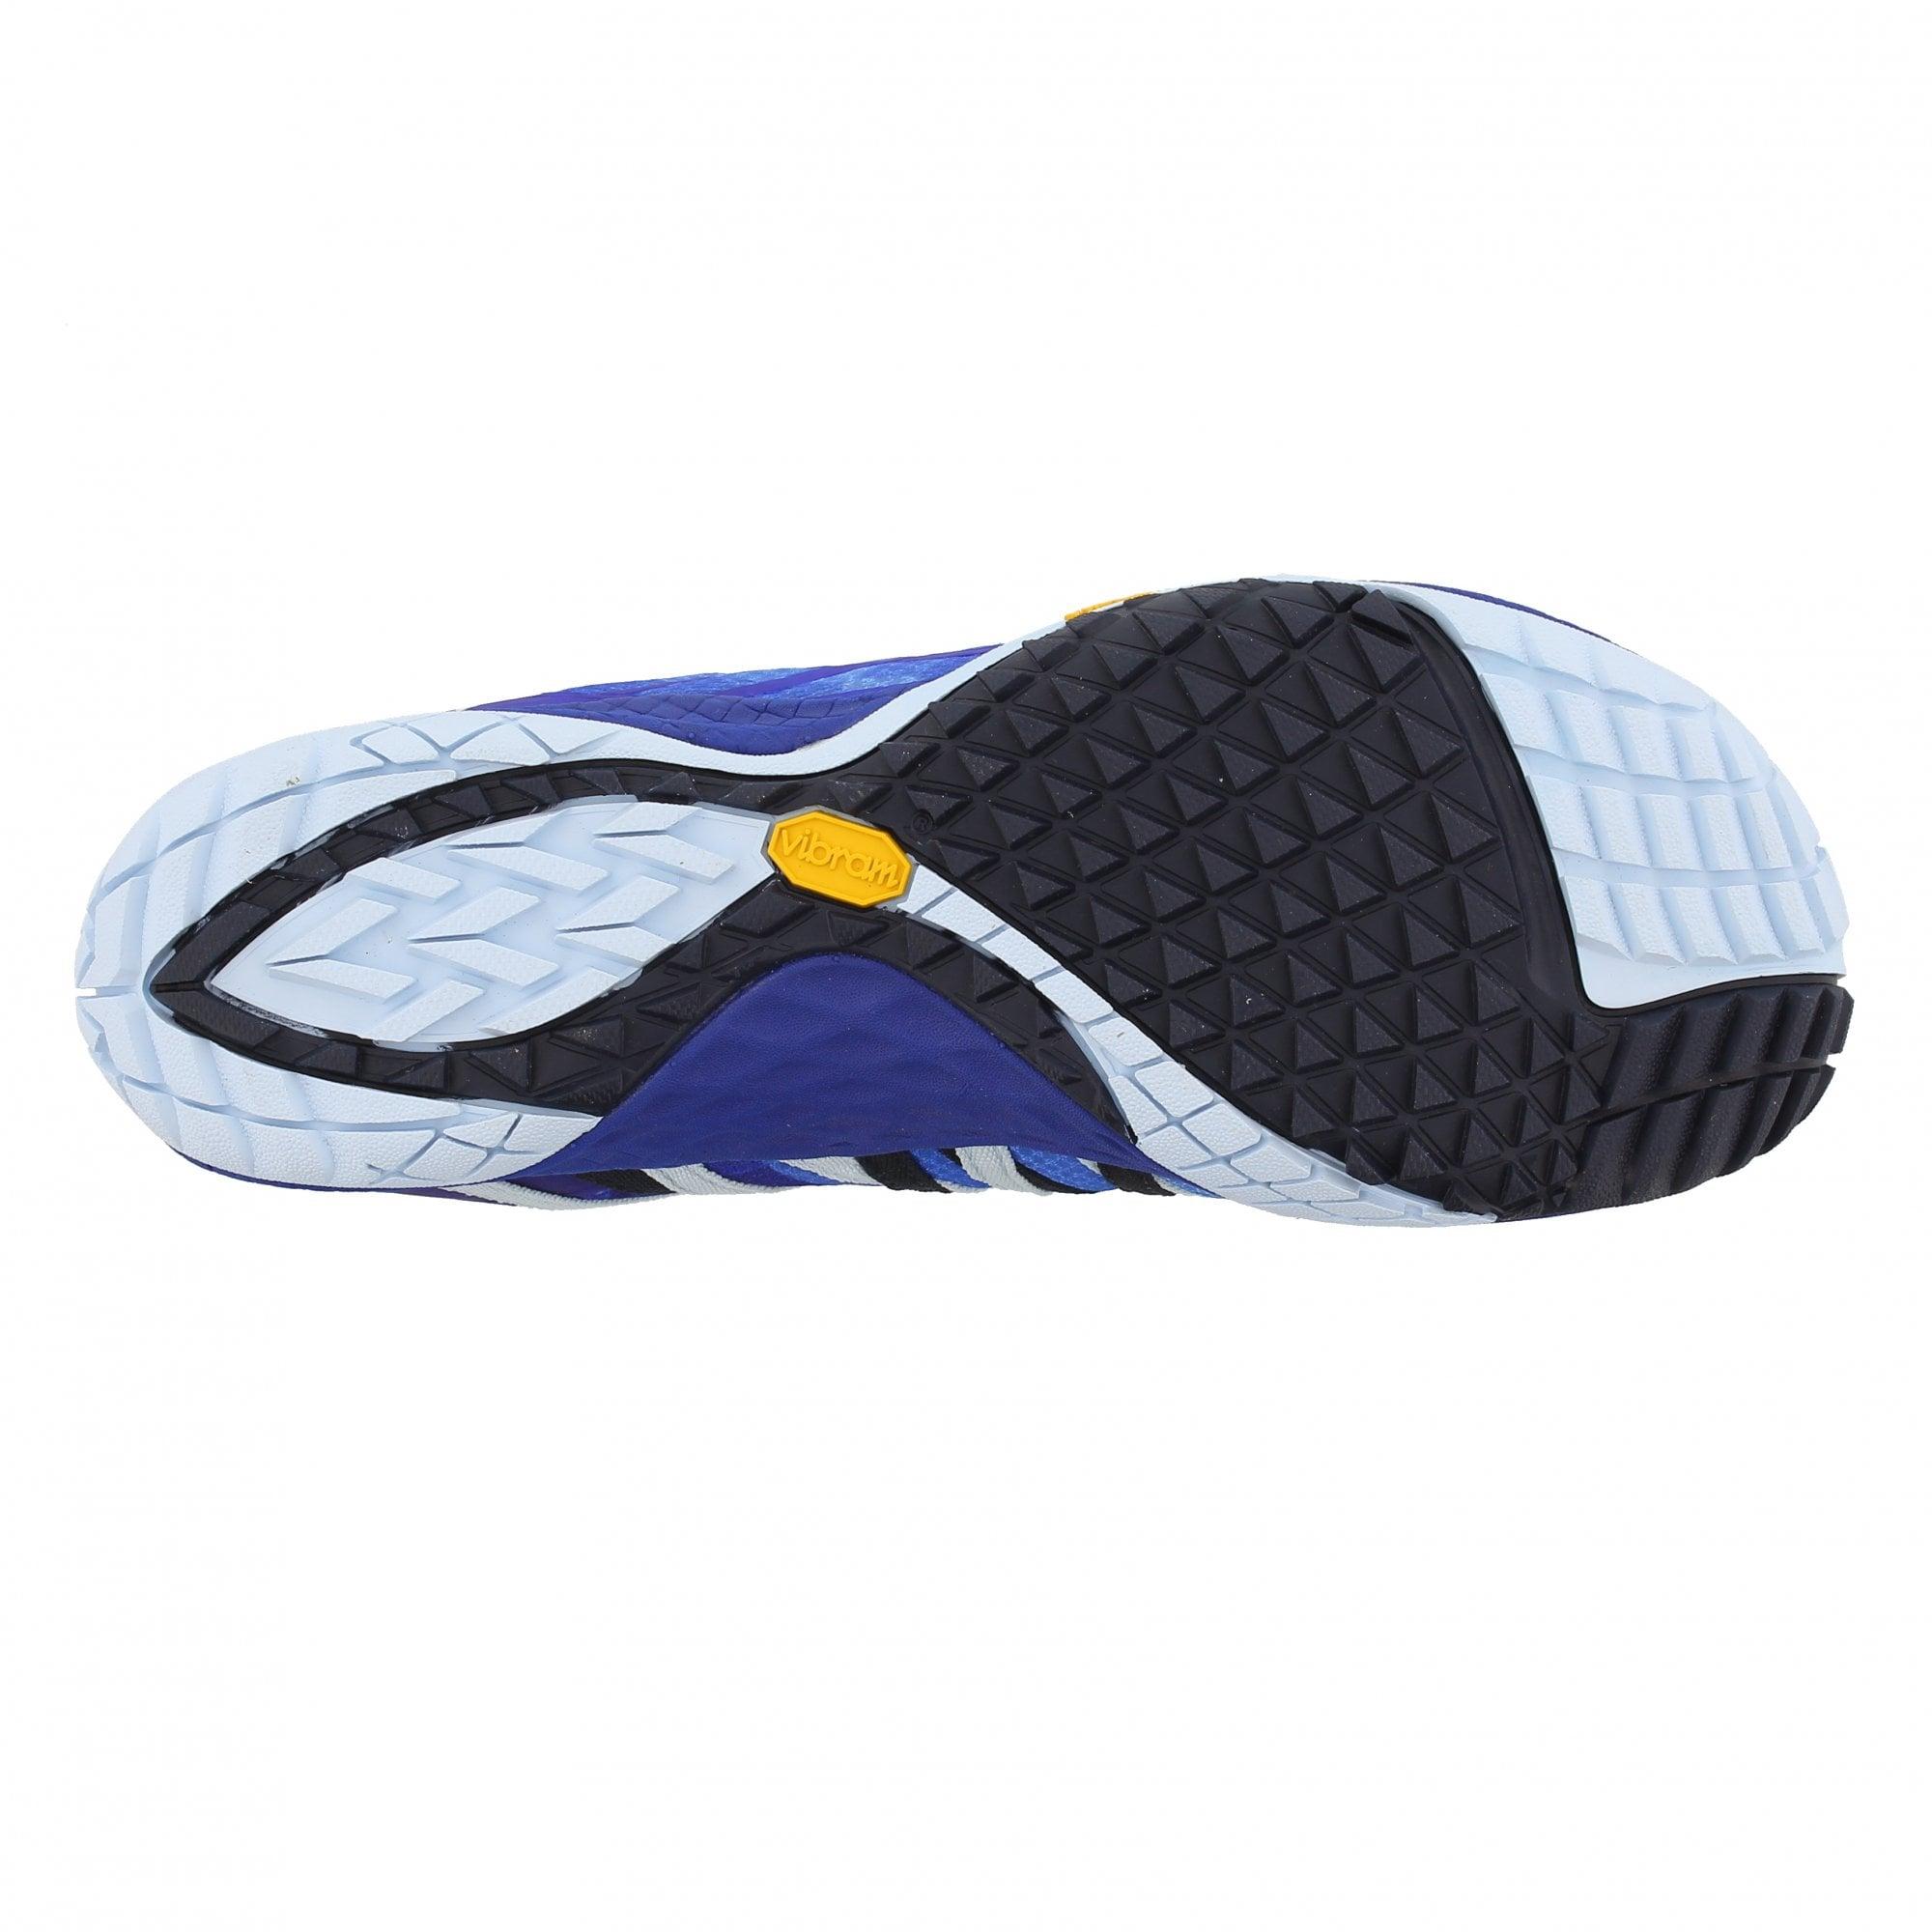 new product bb94f 1f616 Trail Glove 4 | J77704